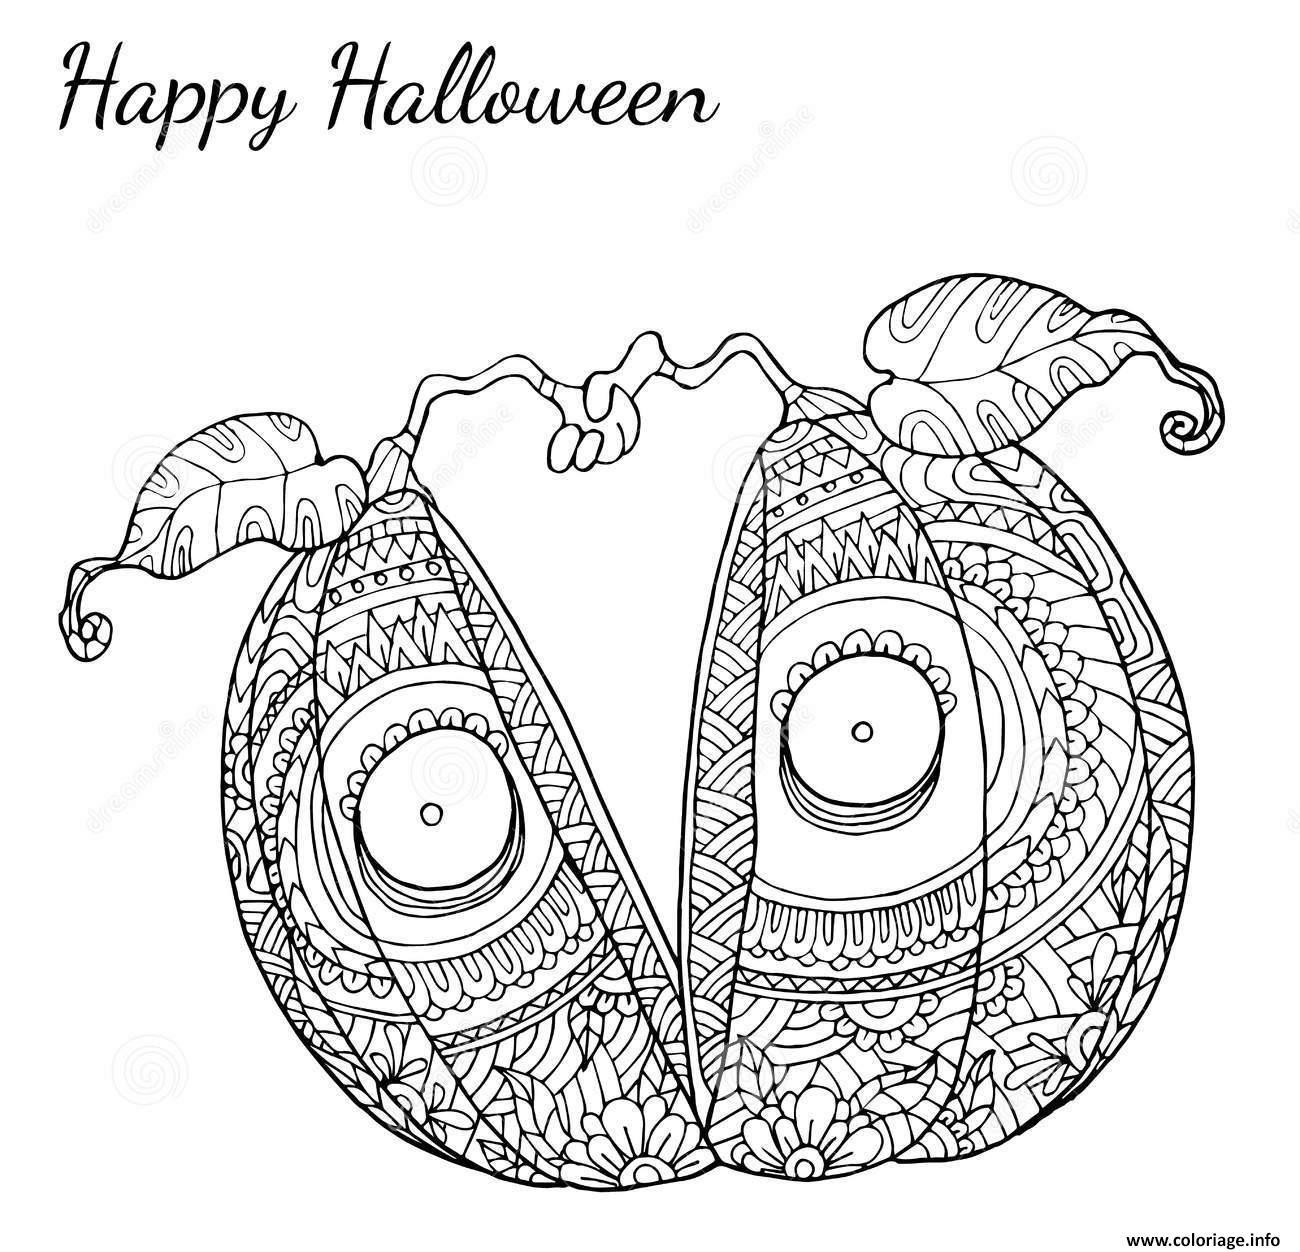 Coloriage halloween adulte citrouille coupe en deux - Dessin citrouille d halloween ...